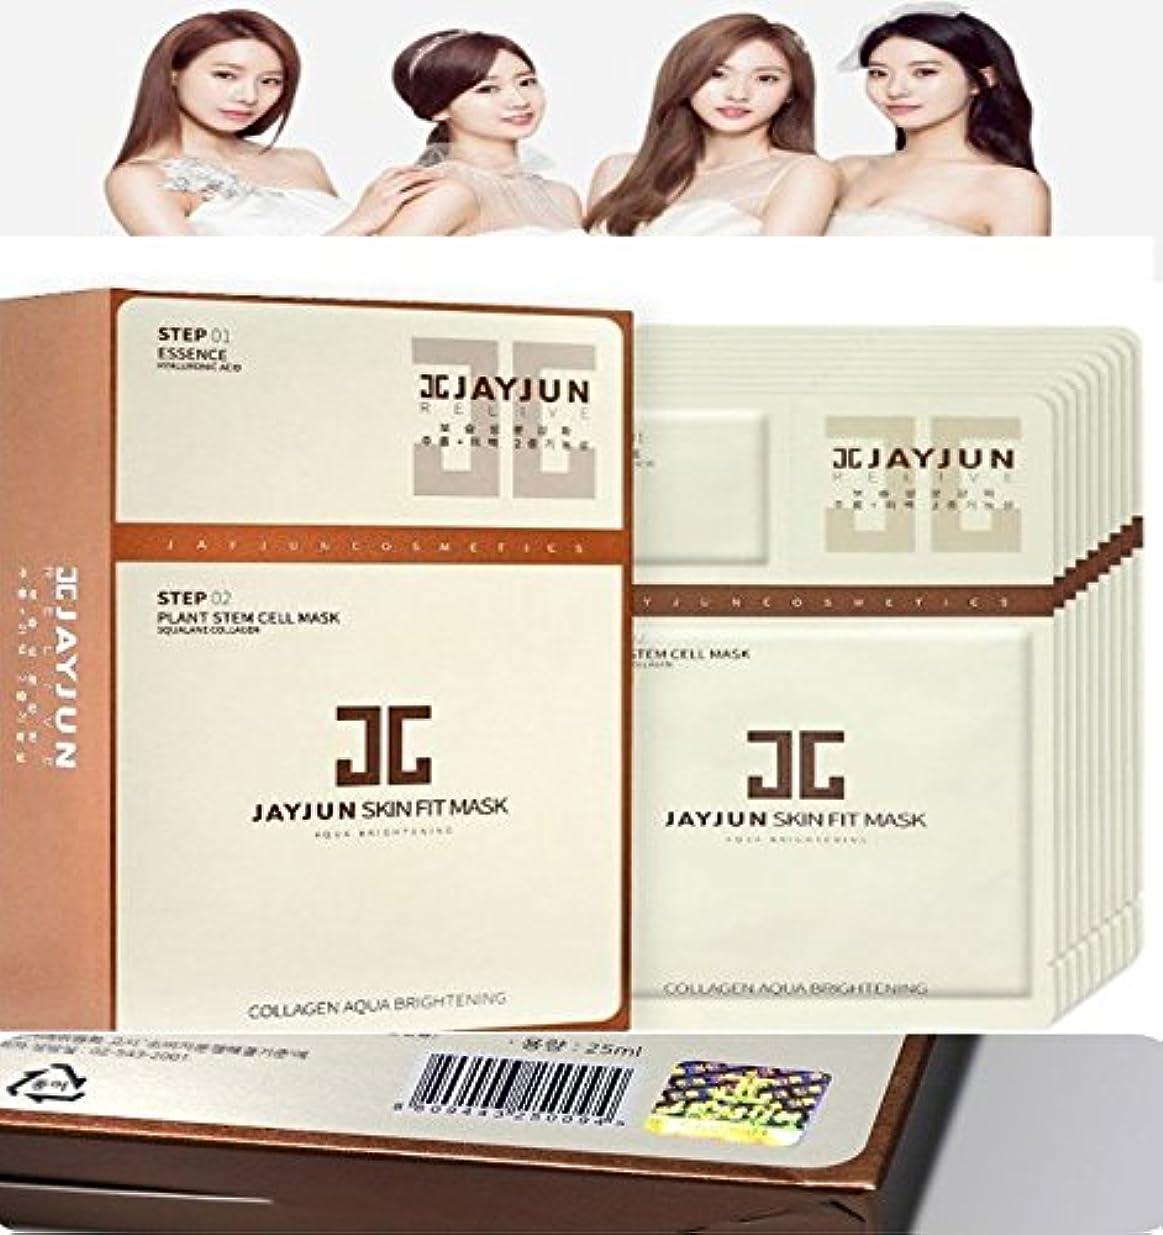 毛布枯渇憧れJAYJUN スキンフィットアクア ブライトニング マスク(10枚入り/JayJun Skin Fit Collagen Aqua Brightening Mask Sheet 10Pcs/HG Sticker Certified...